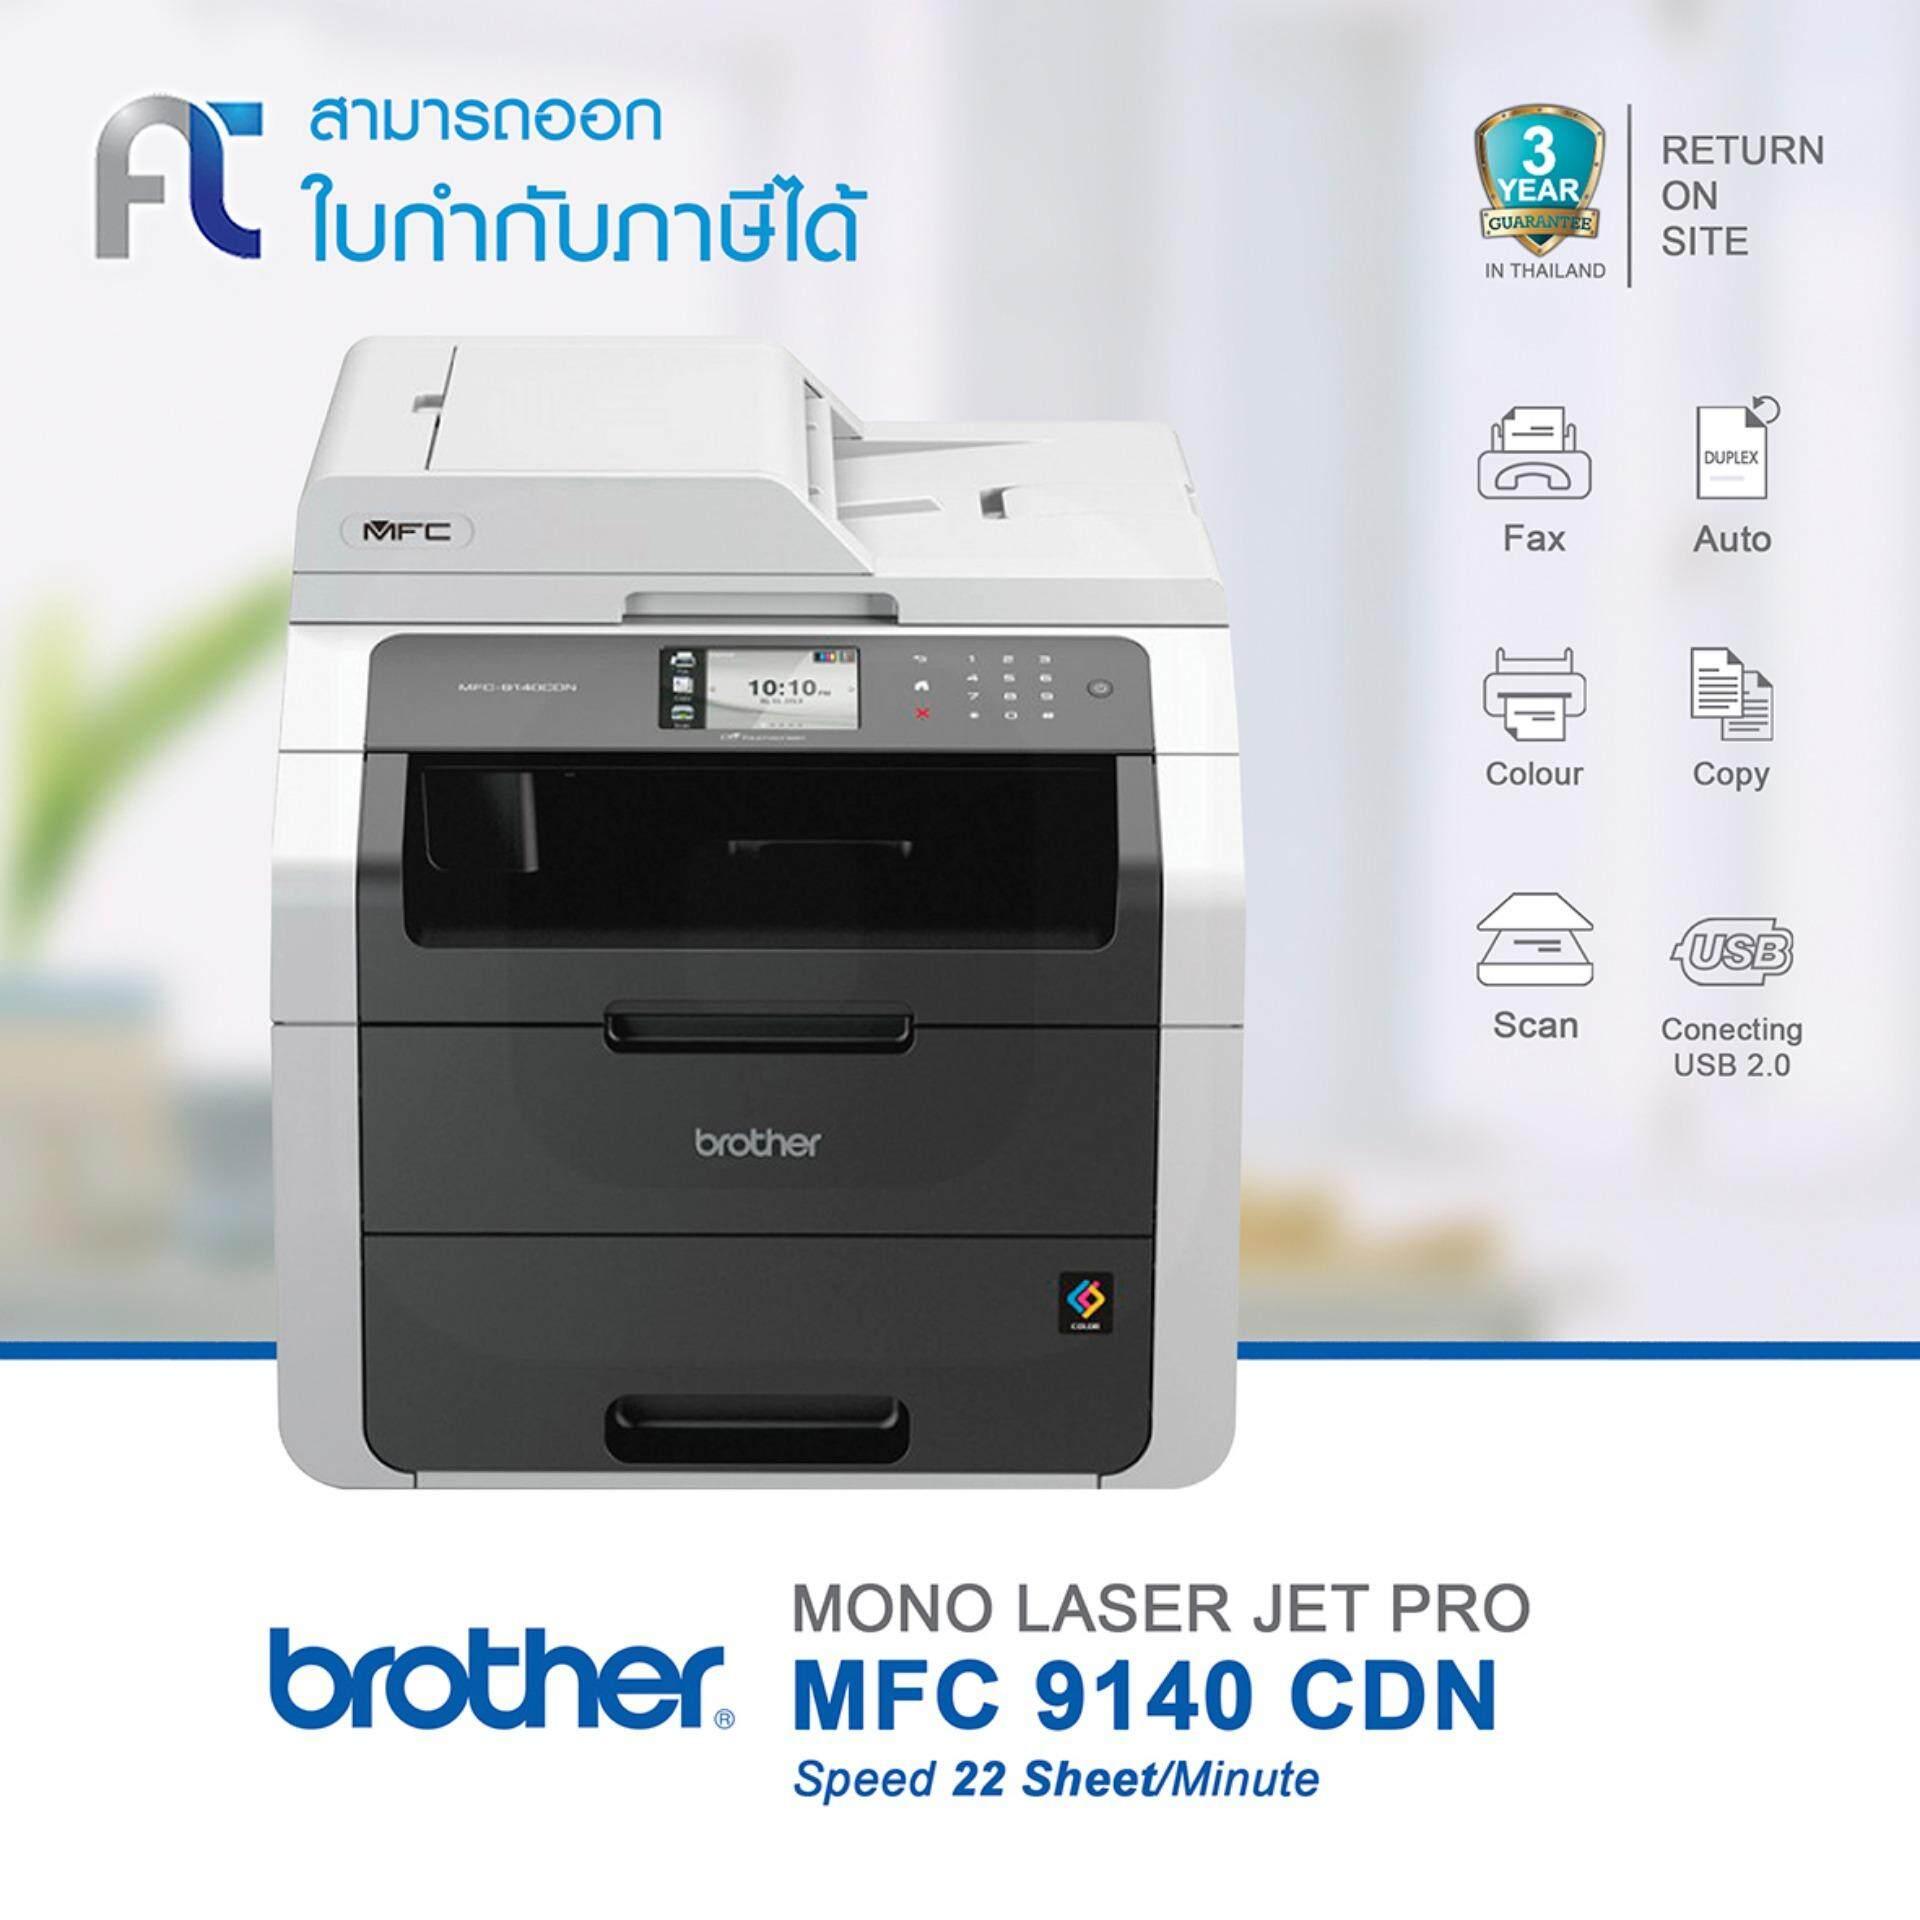 ซื้อ รับประกัน 3 ปี Brother Printer รุ่น Mfc 9140Cdn